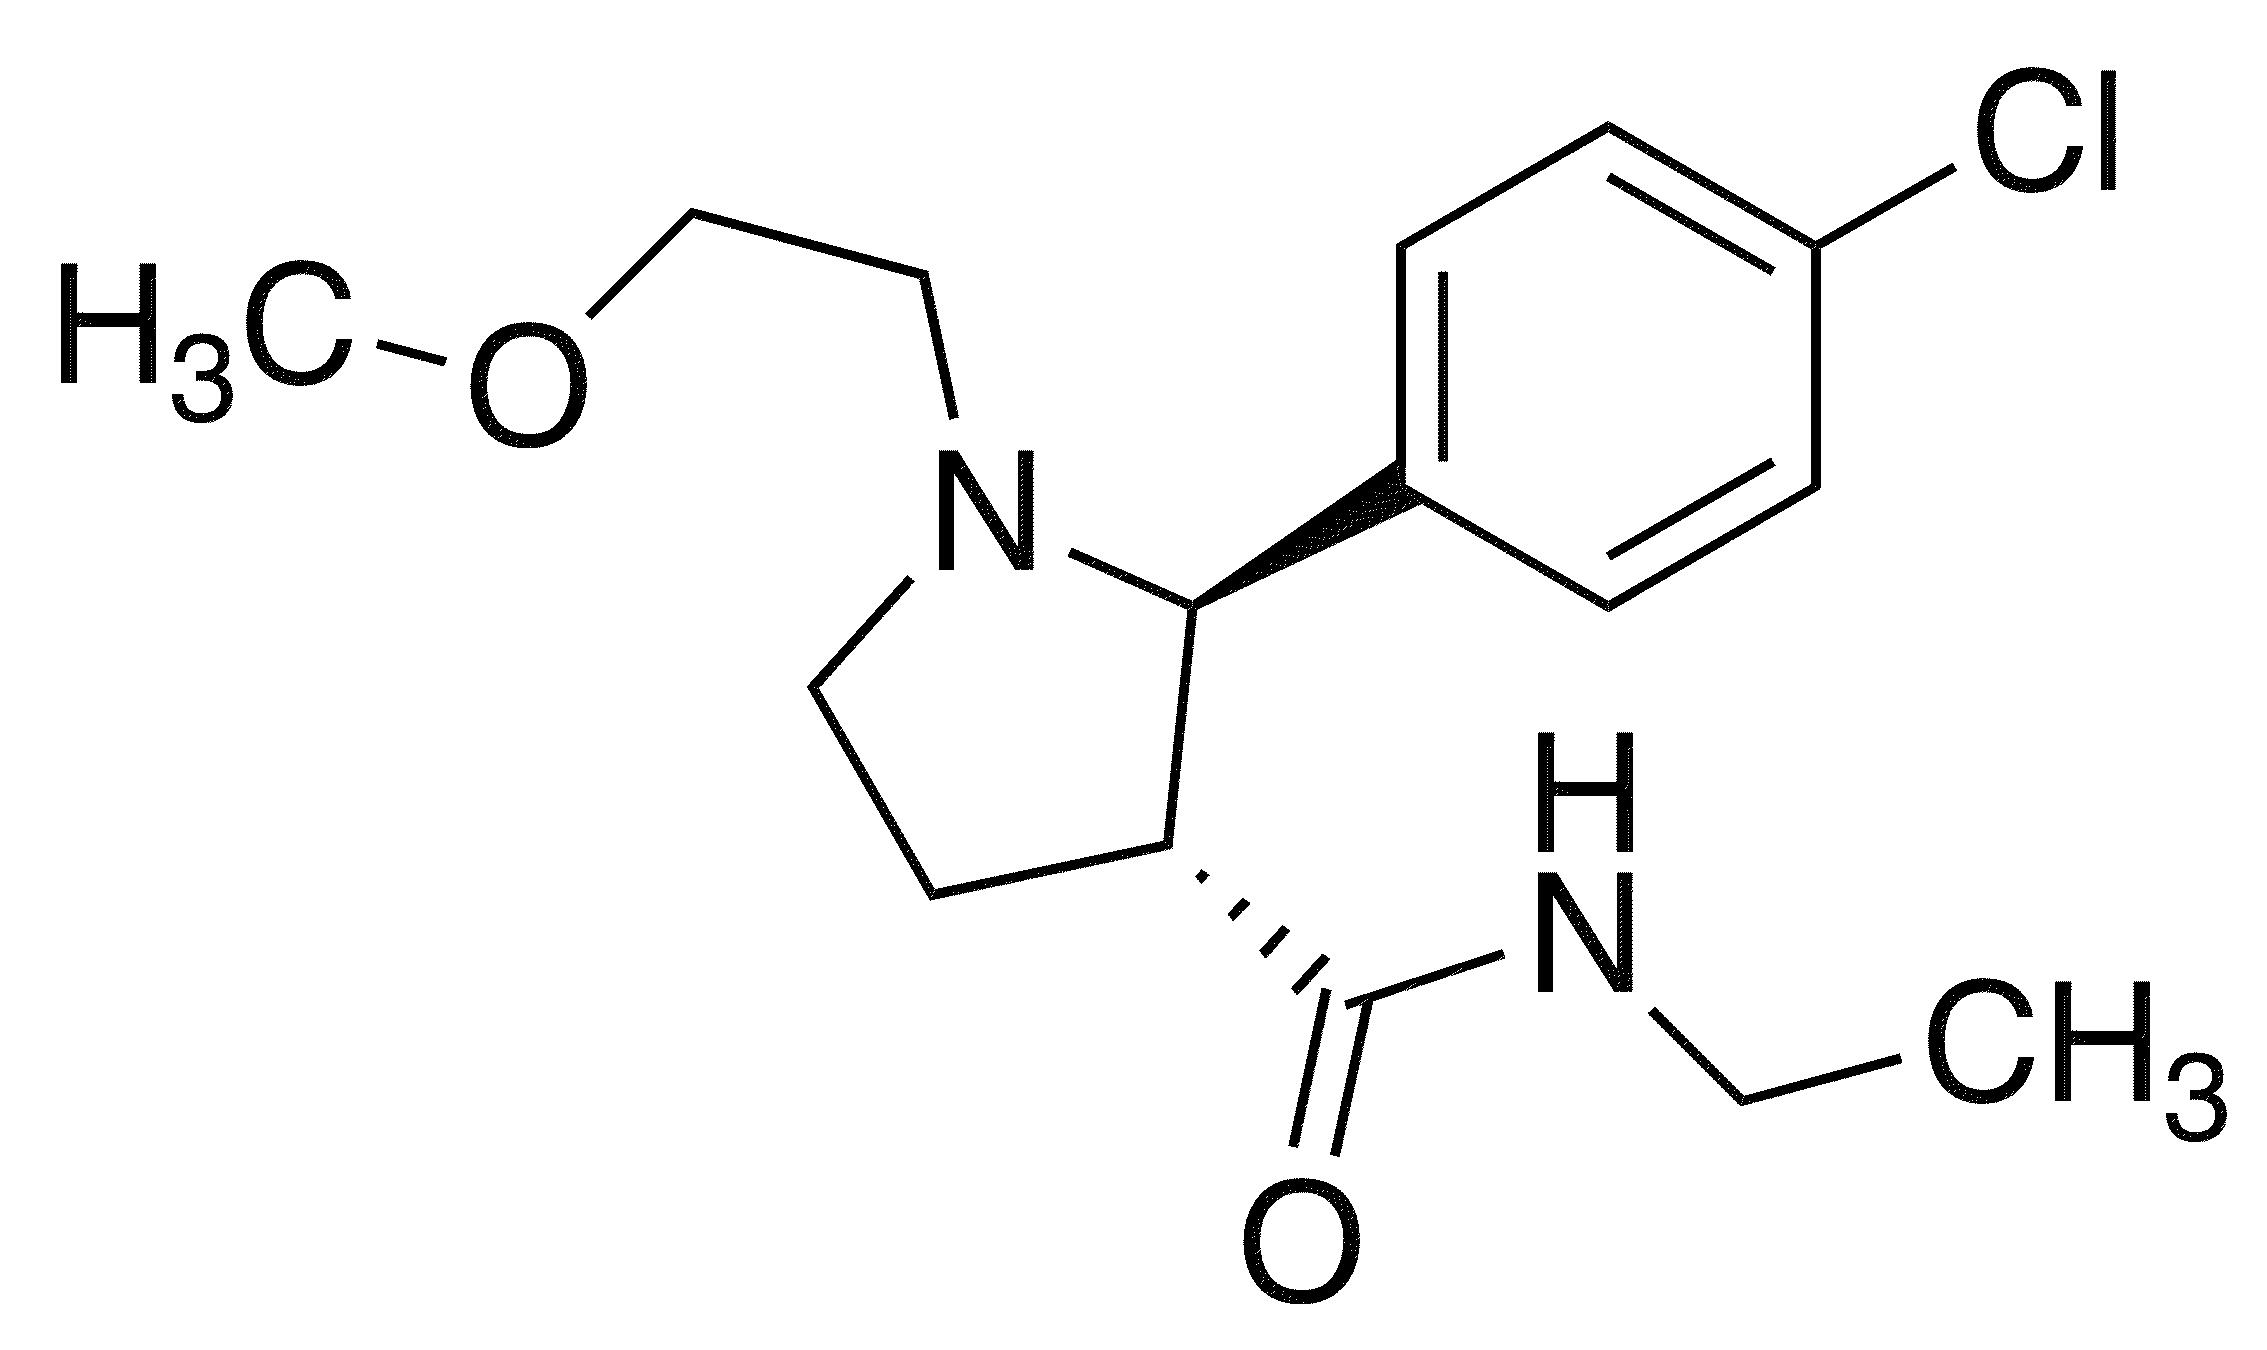 (2R,3R)-2-(4-Chlorophenyl)-n-ethyl-1-(2-methoxyethyl)pyrrolidine-3-carboxamide